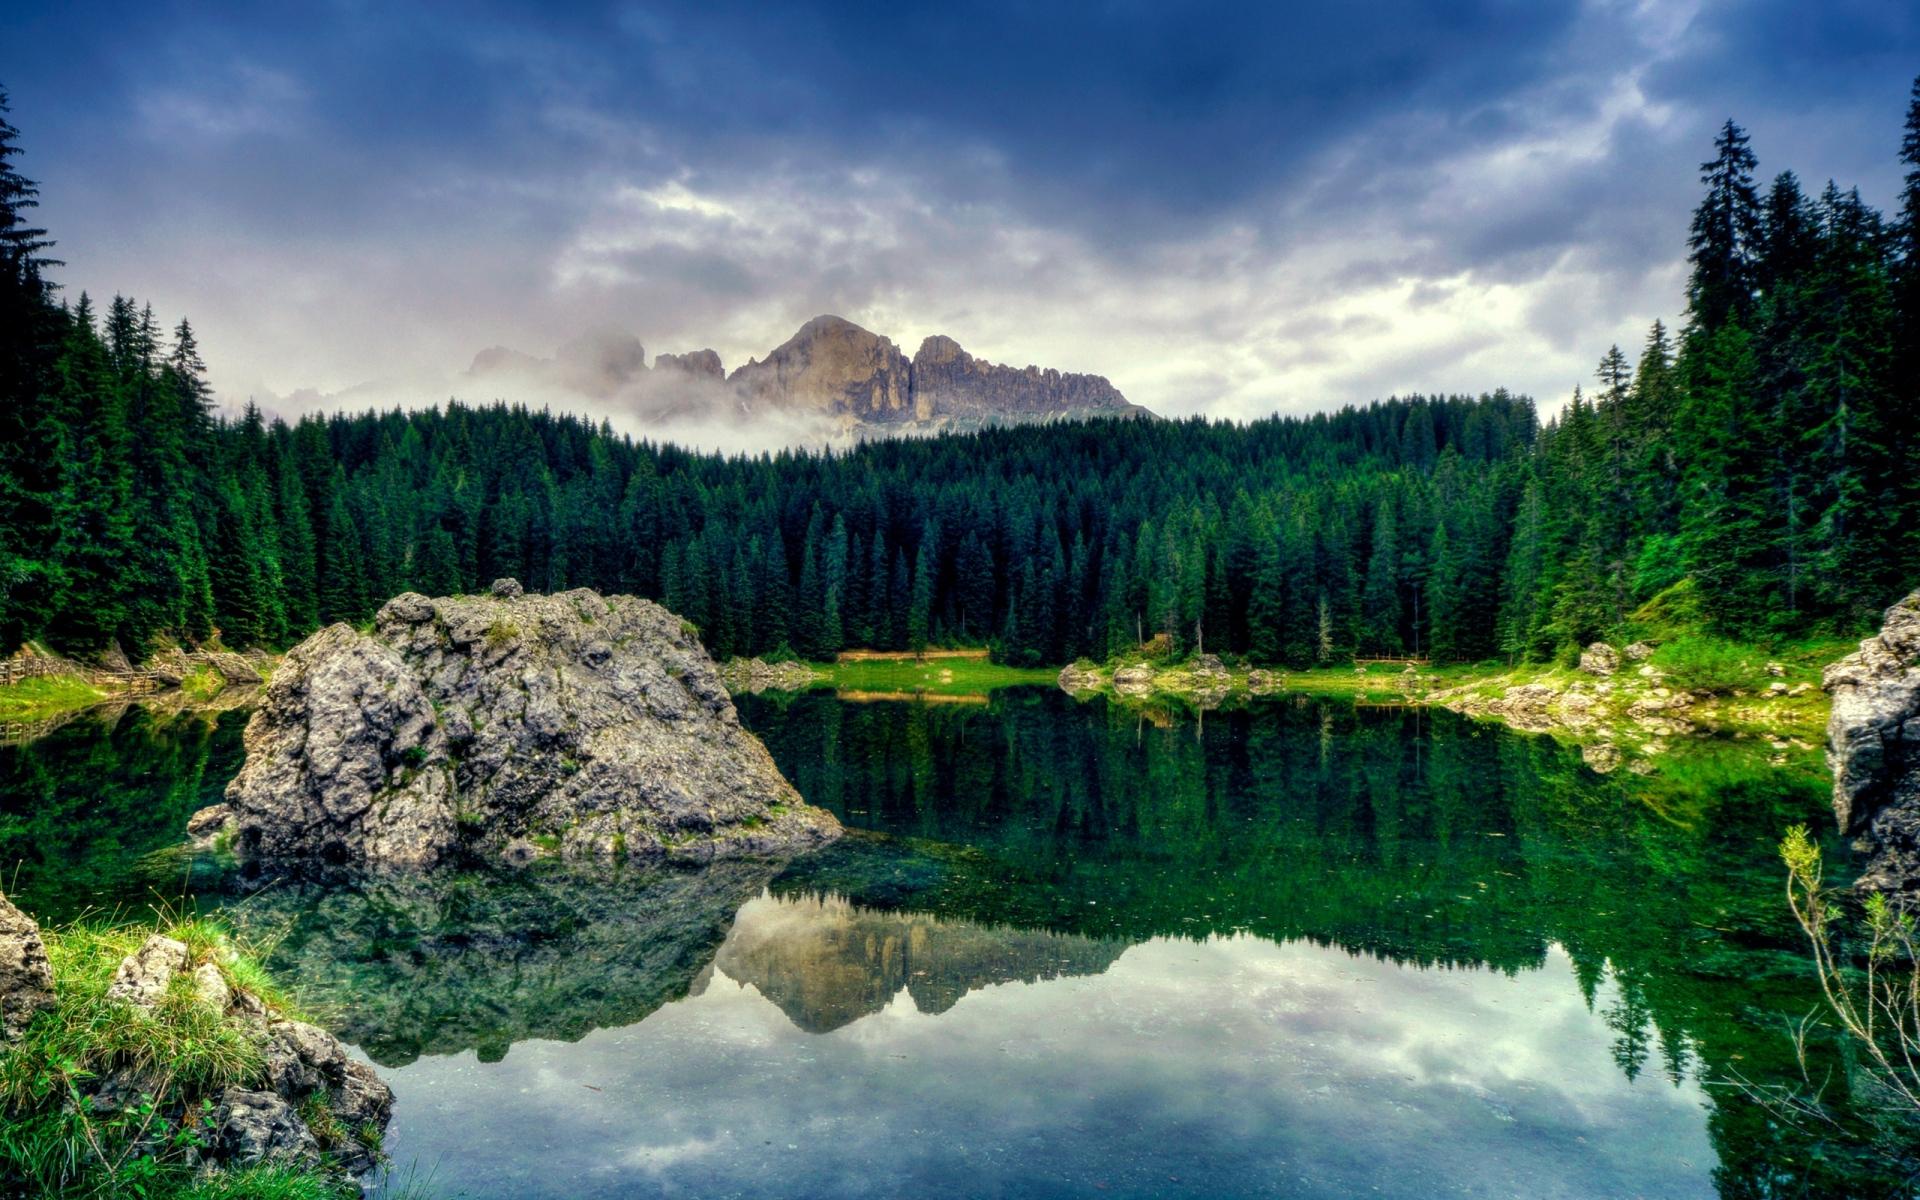 красивые картинки с лесом и водой настоящие фото можете даже расположить